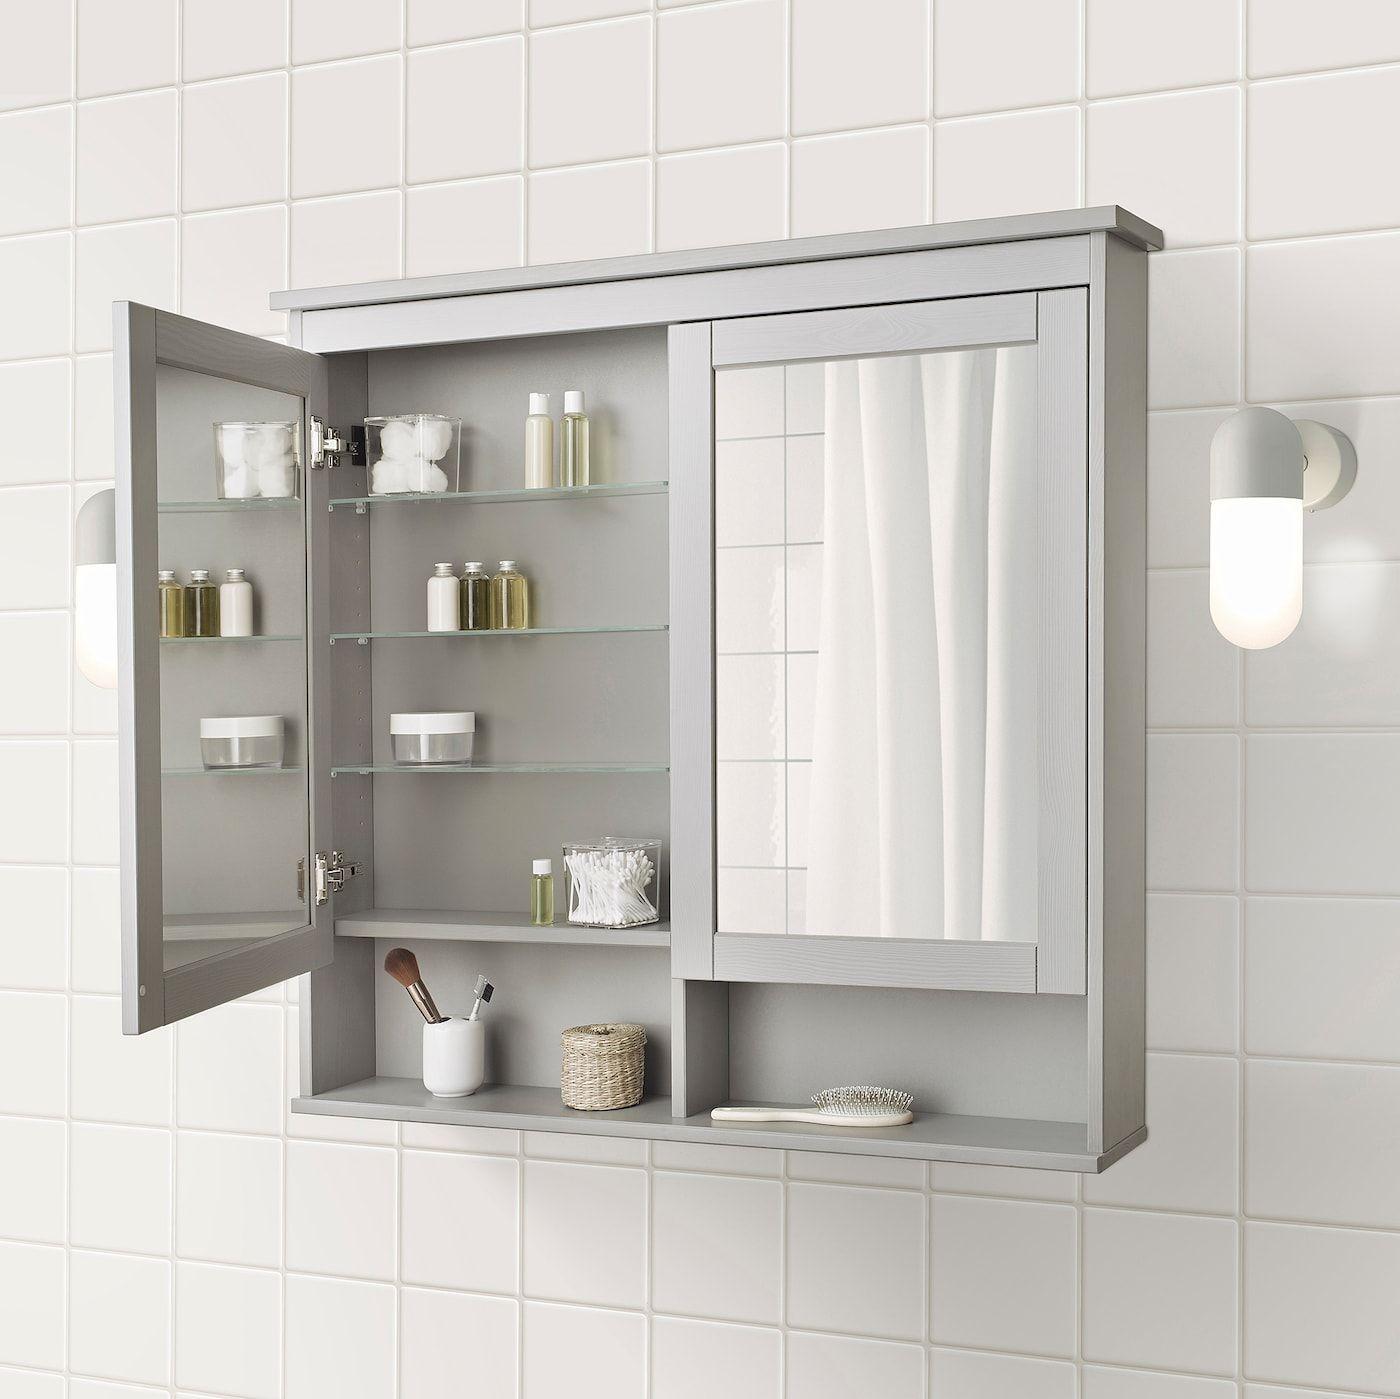 Hemnes Mirror Cabinet With 2 Doors Gray 40 1 2x6 1 4x38 5 8 103x16x98 Cm In 2020 Badezimmer Klein Badezimmer Renovieren Badezimmer Design